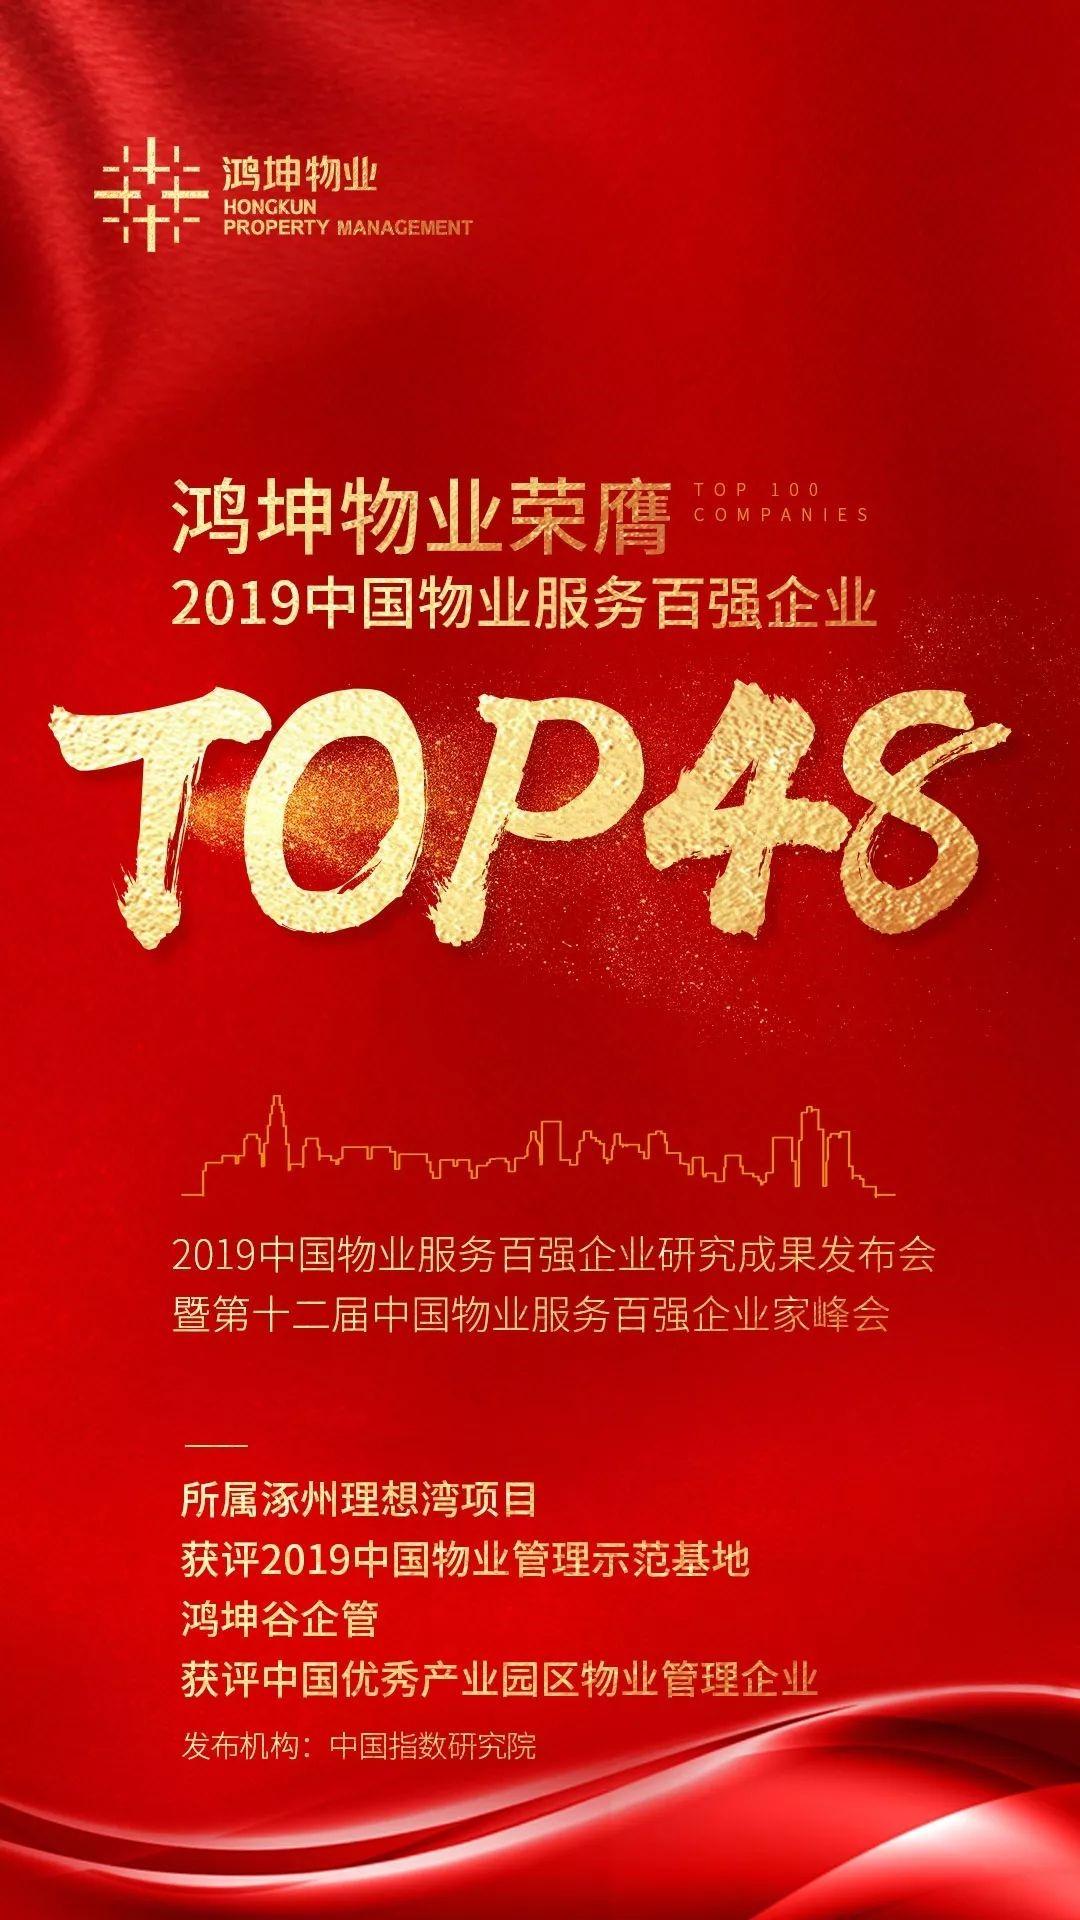 鸿坤物业荣获2019中国物业服务百强企业